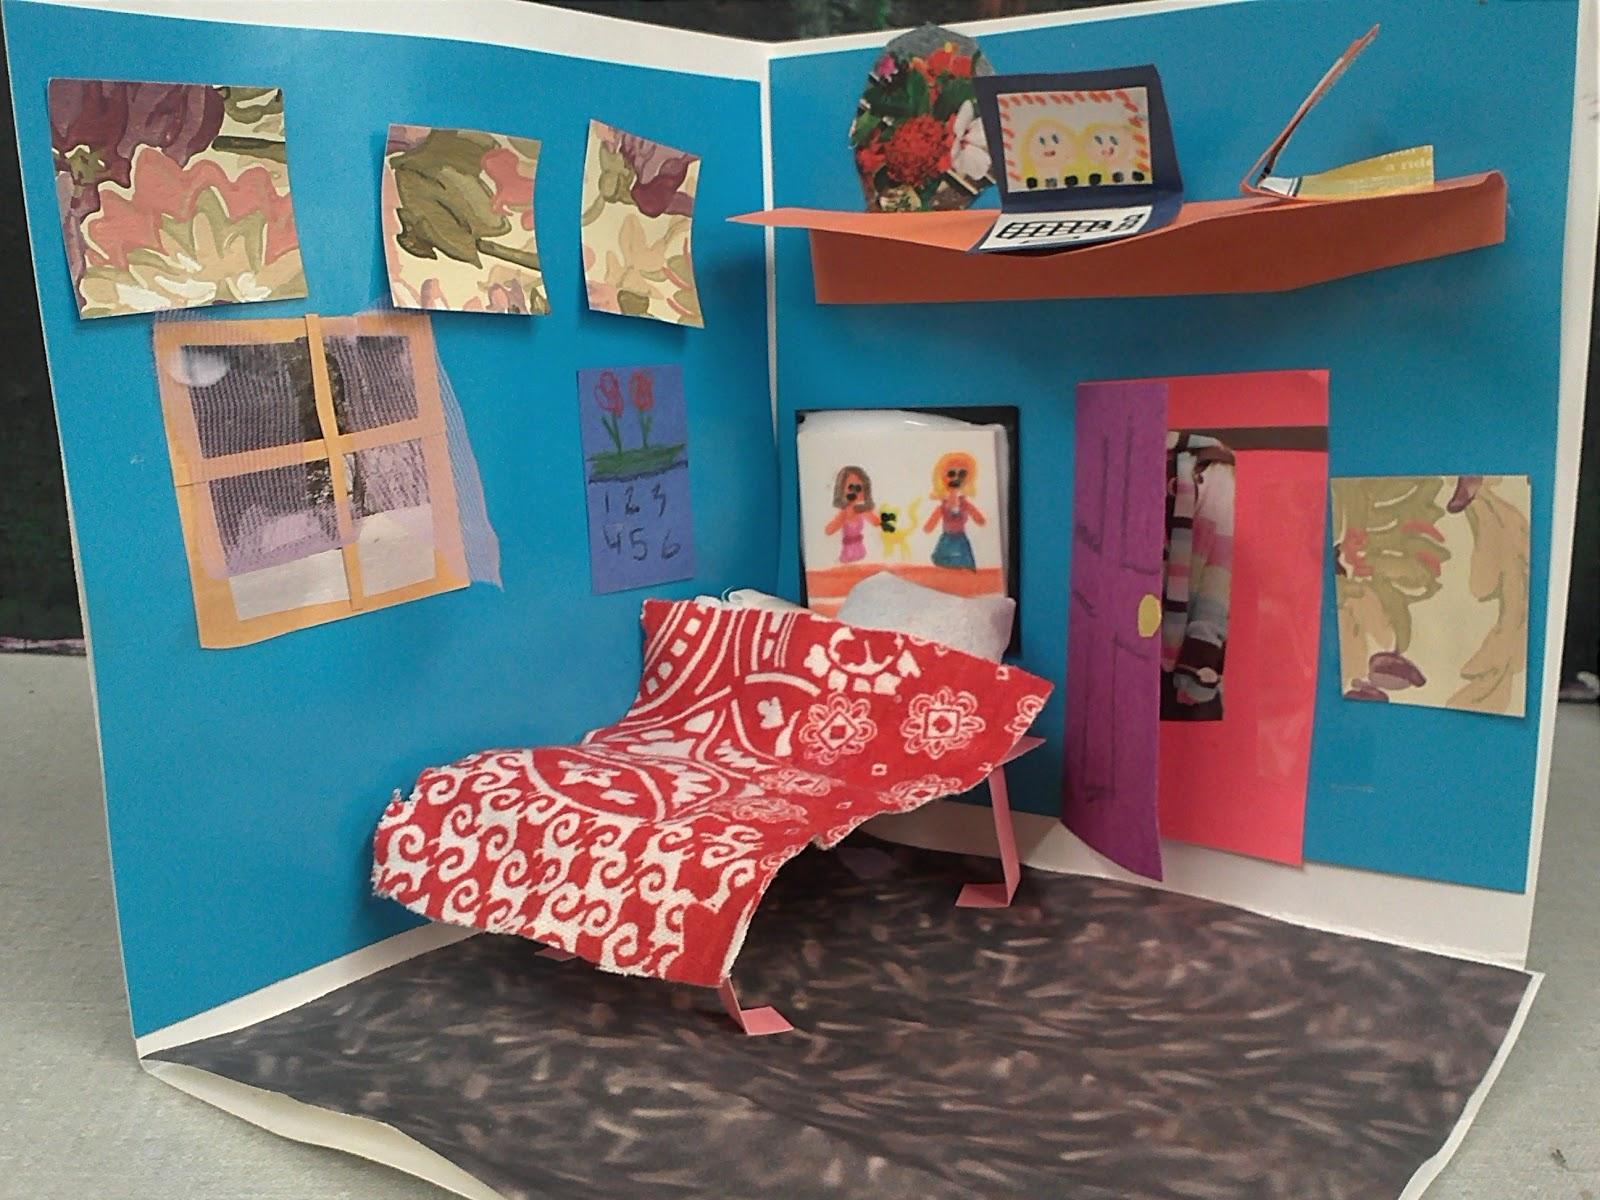 Van Gogh Bedrooms. Ms  Allen s Art Room  Van Gogh Bedrooms